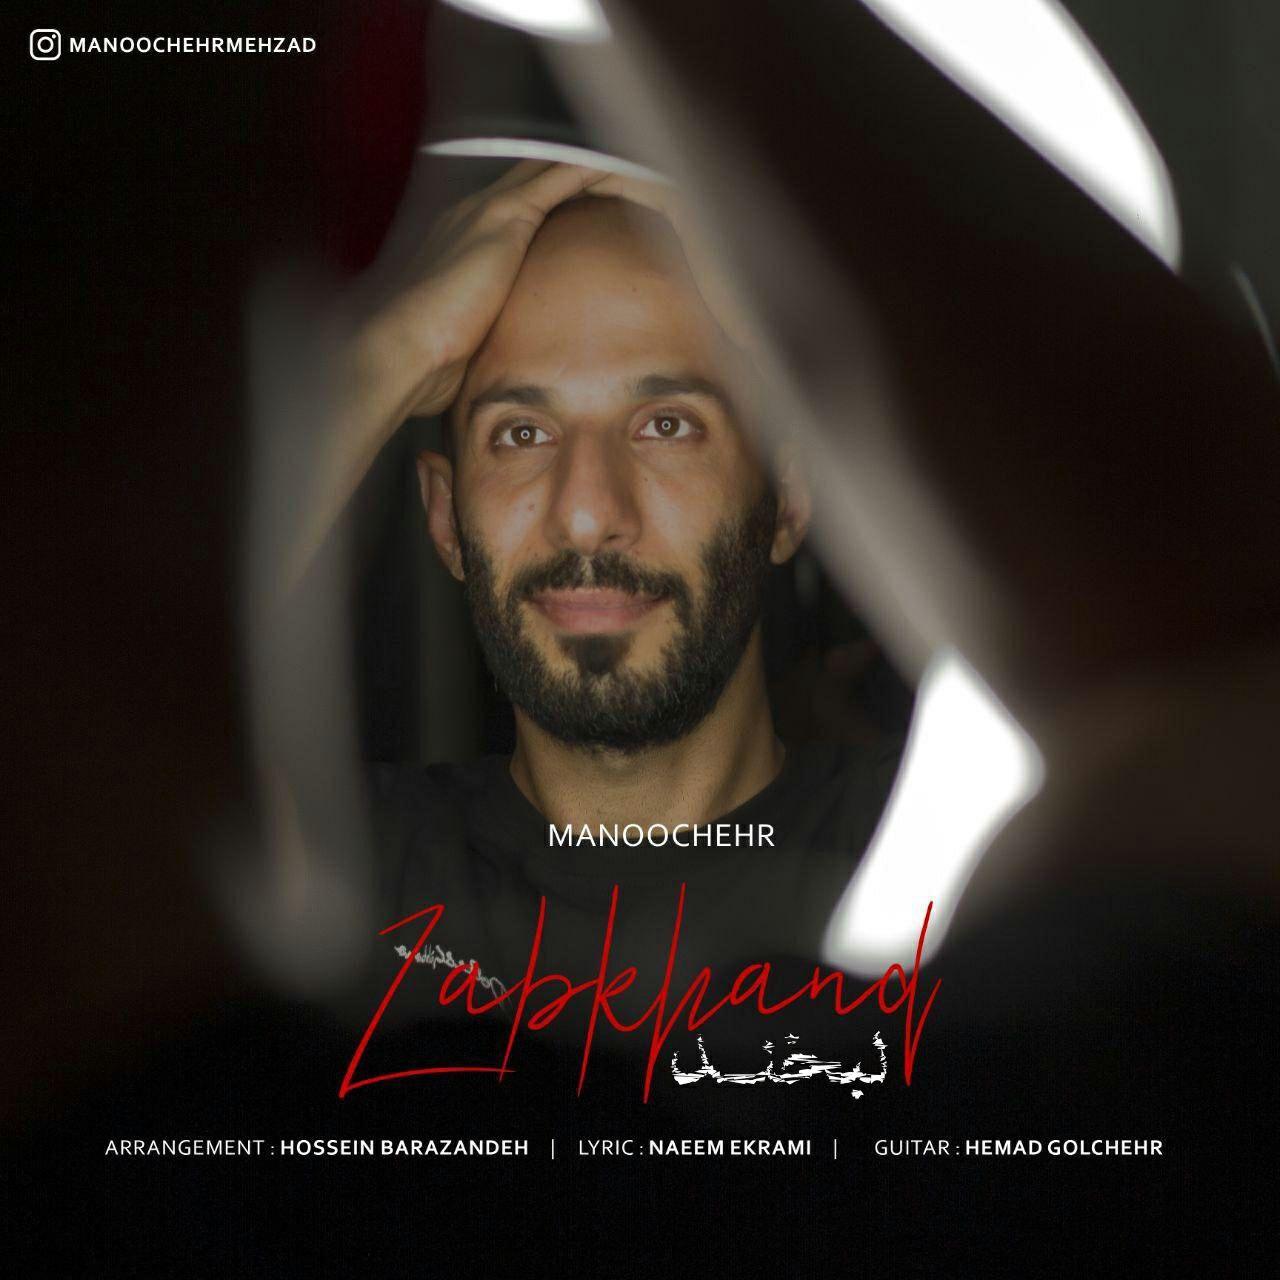 Manoochehr Mehzad – Labkhand